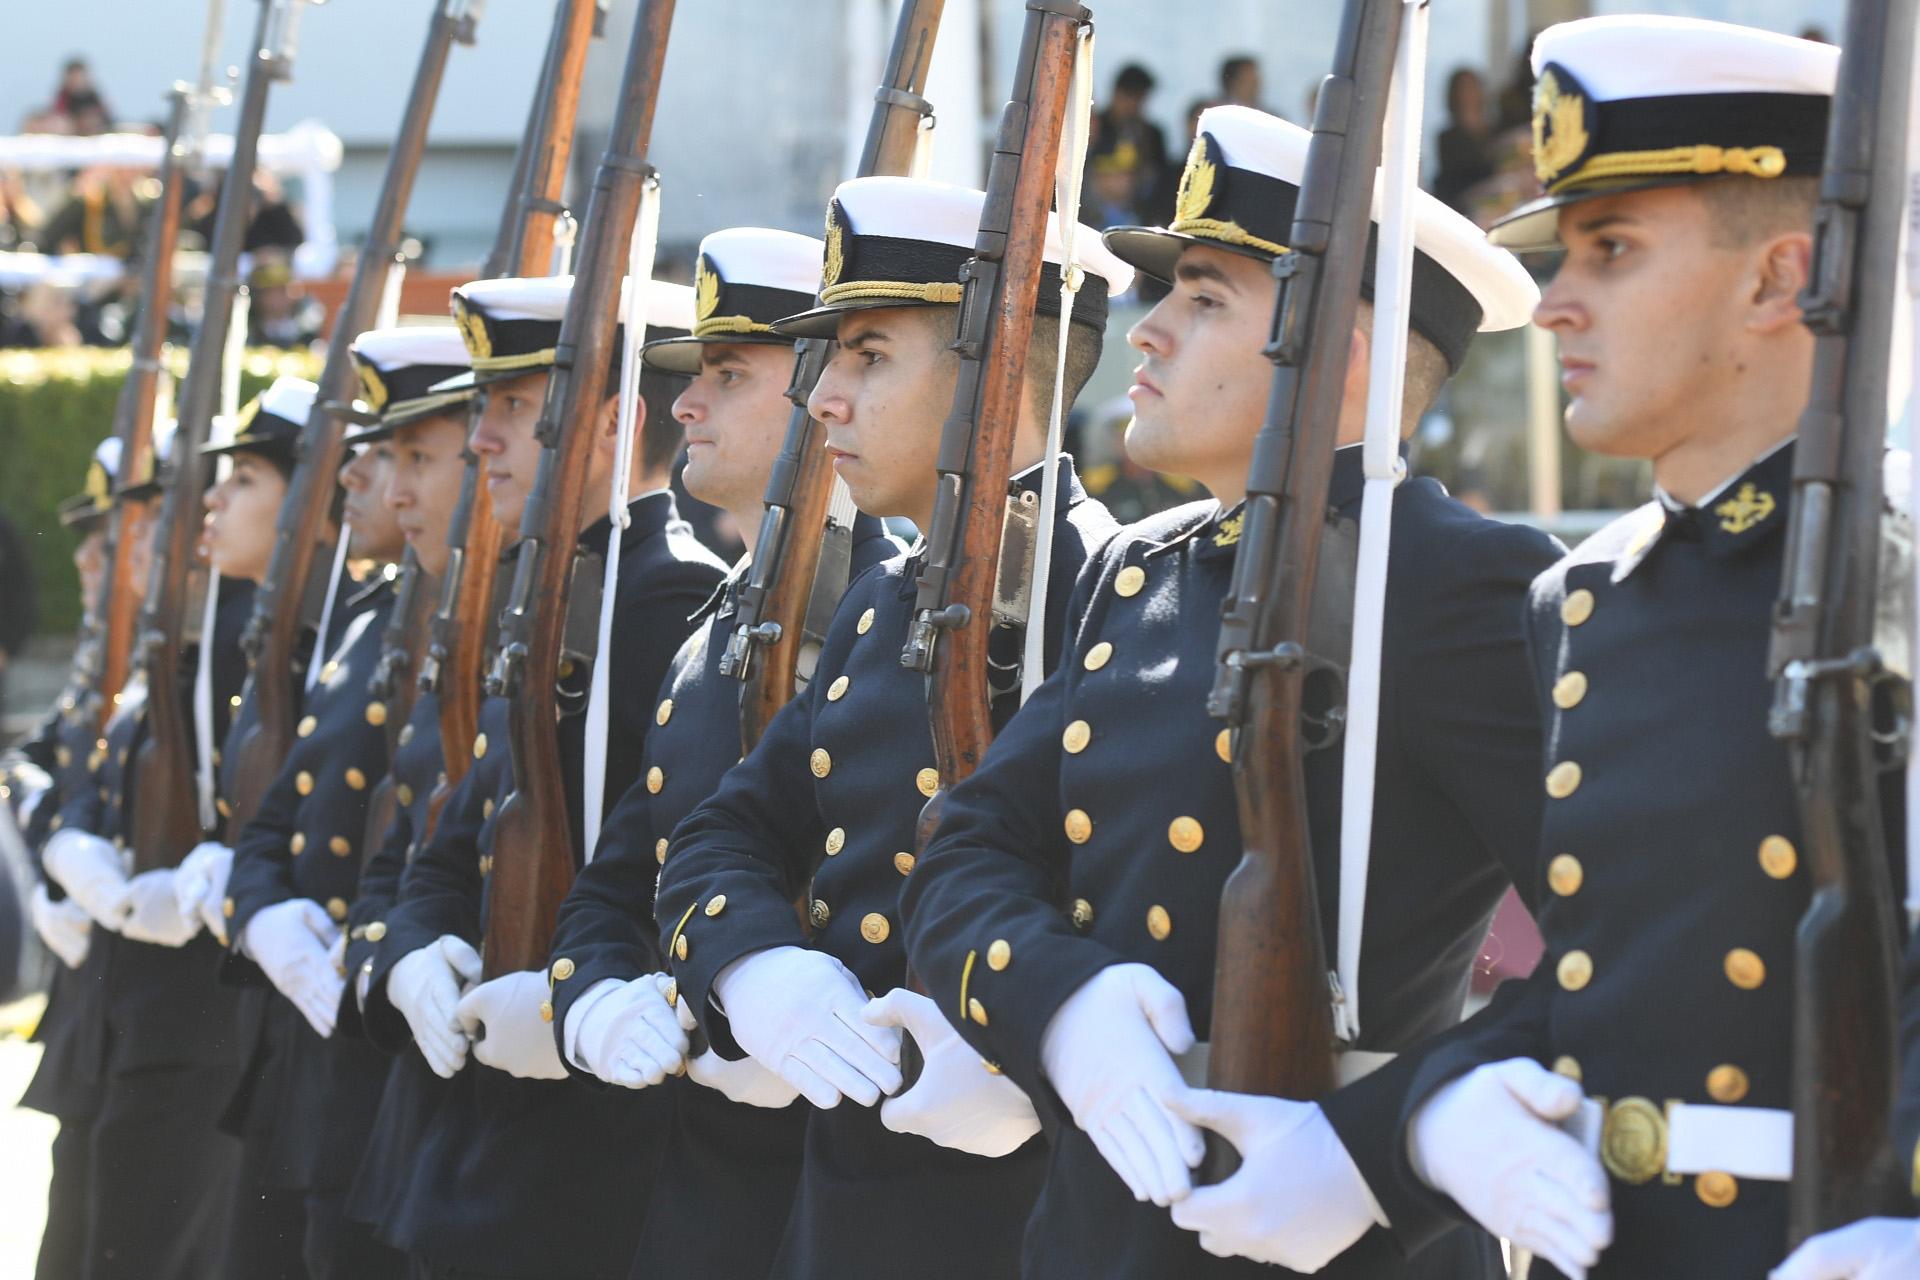 Luego de los discuros, se realizó un desfile en honor a la ministra y a la Gendarmería